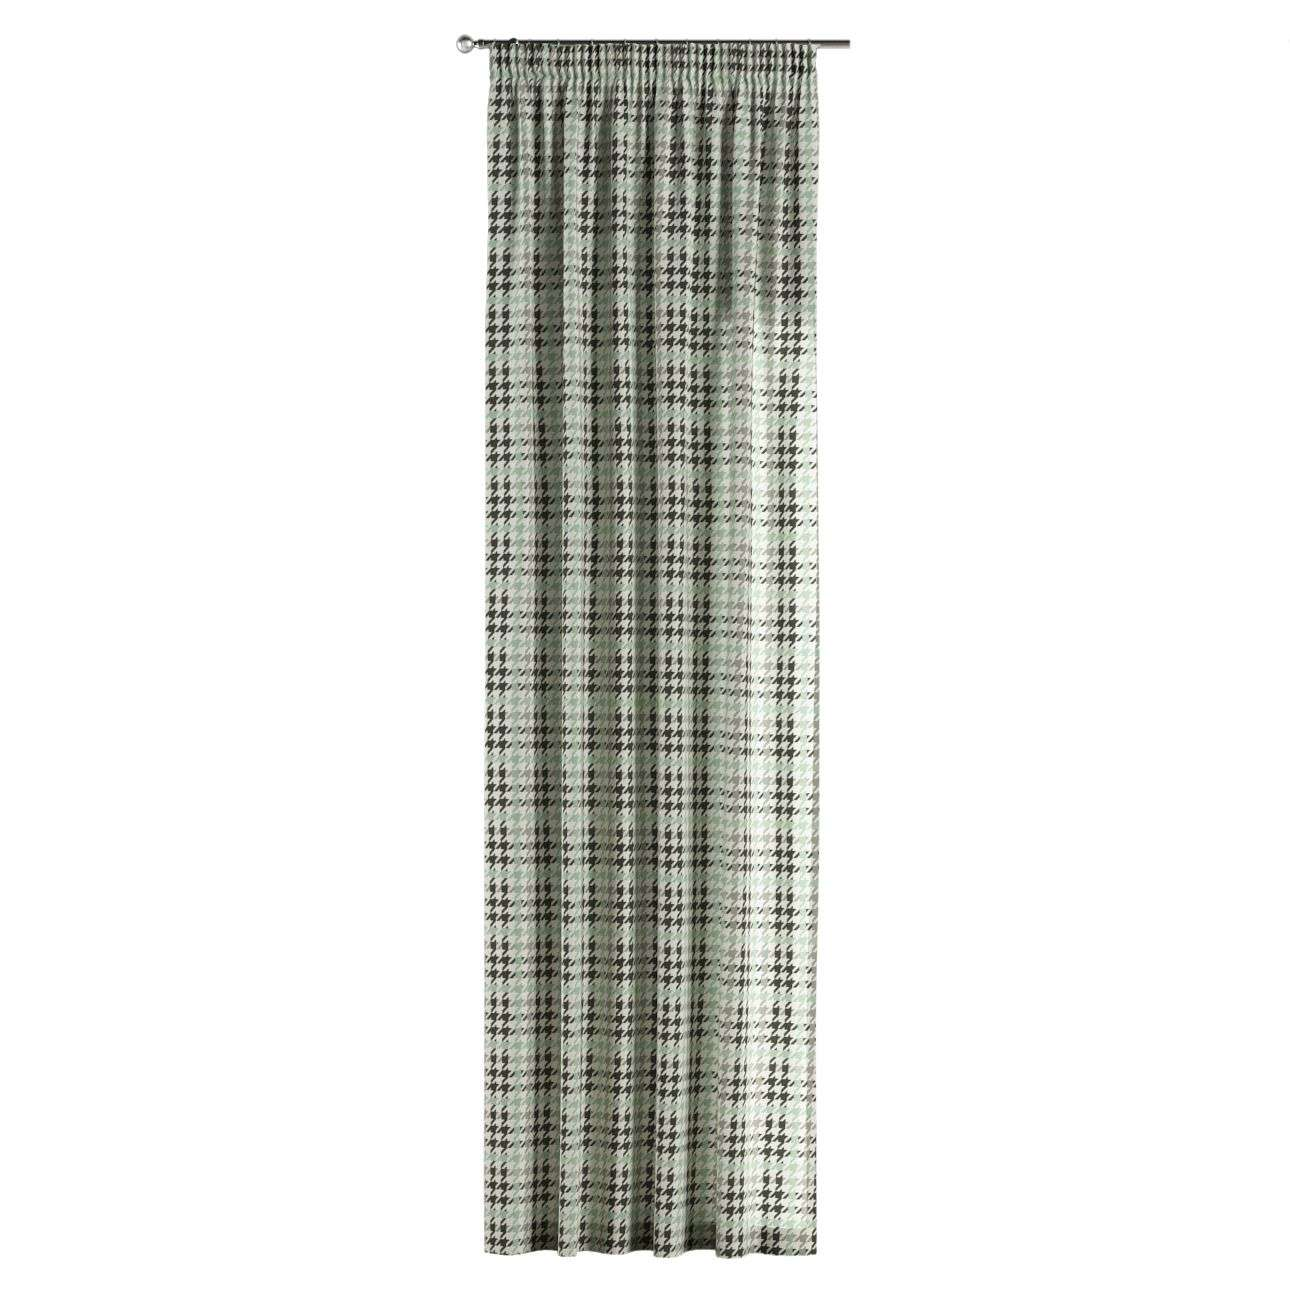 Vorhang mit Kräuselband 1 Stck. 130 x 260 cm von der Kollektion Brooklyn, Stoff: 137-77